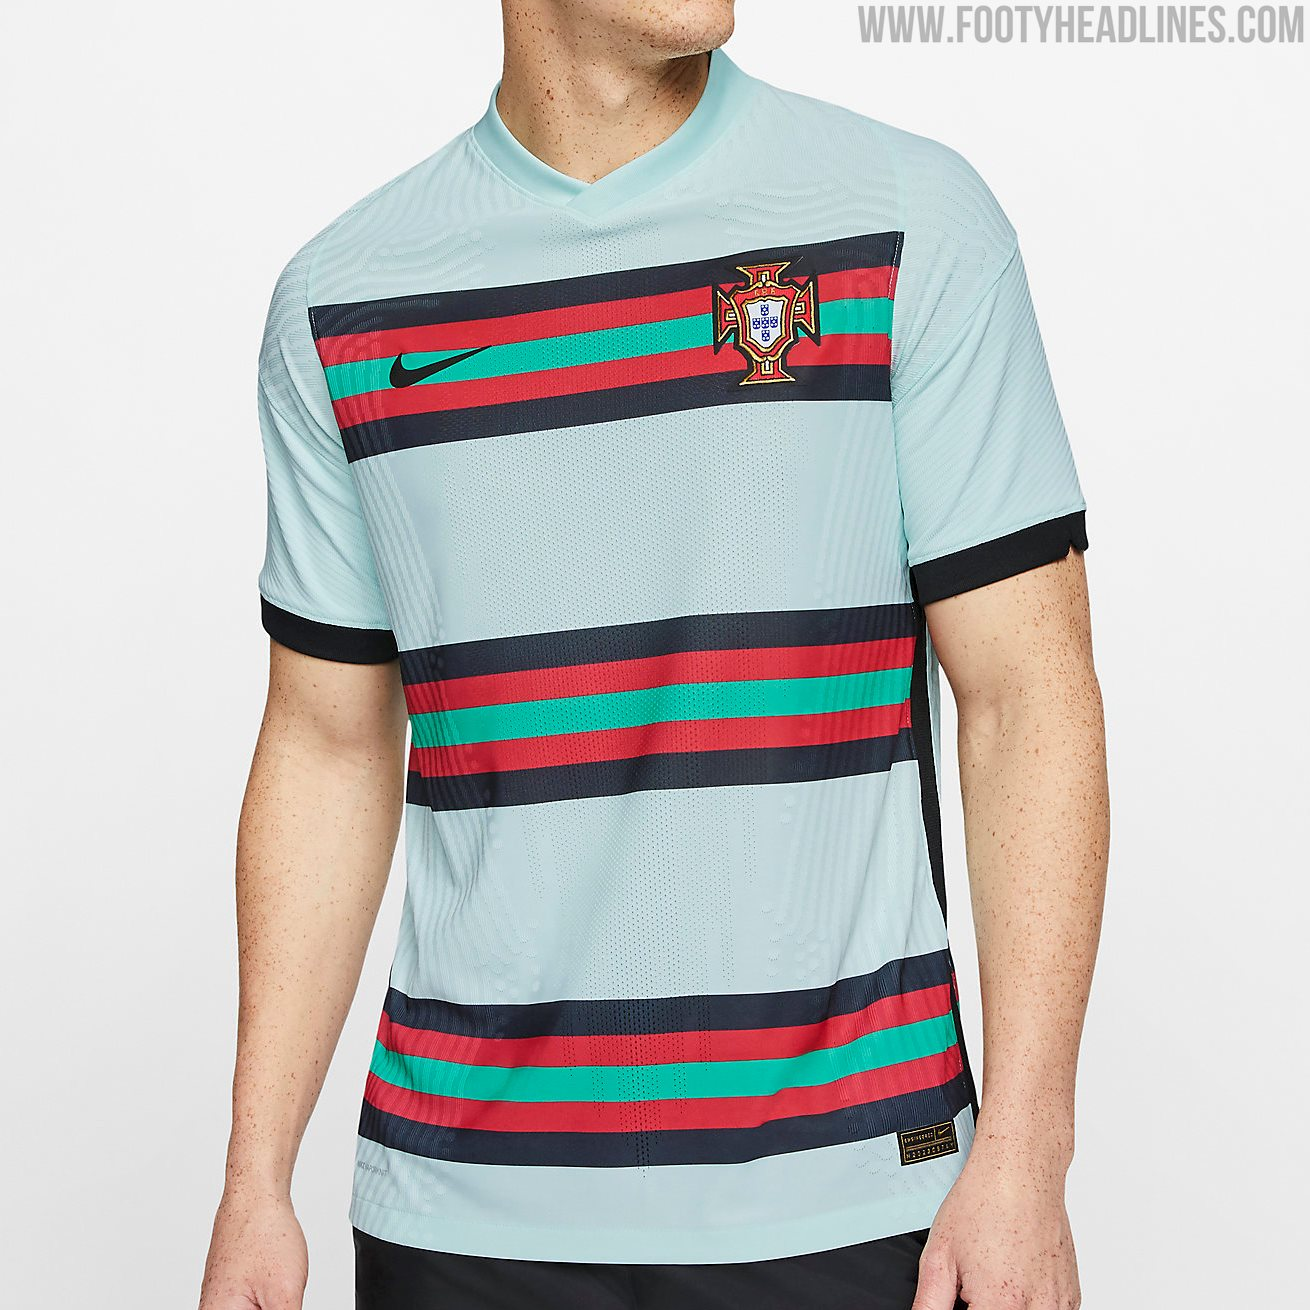 Nike Portugal Euro 2020 Away Kit Released - Footy Headlines